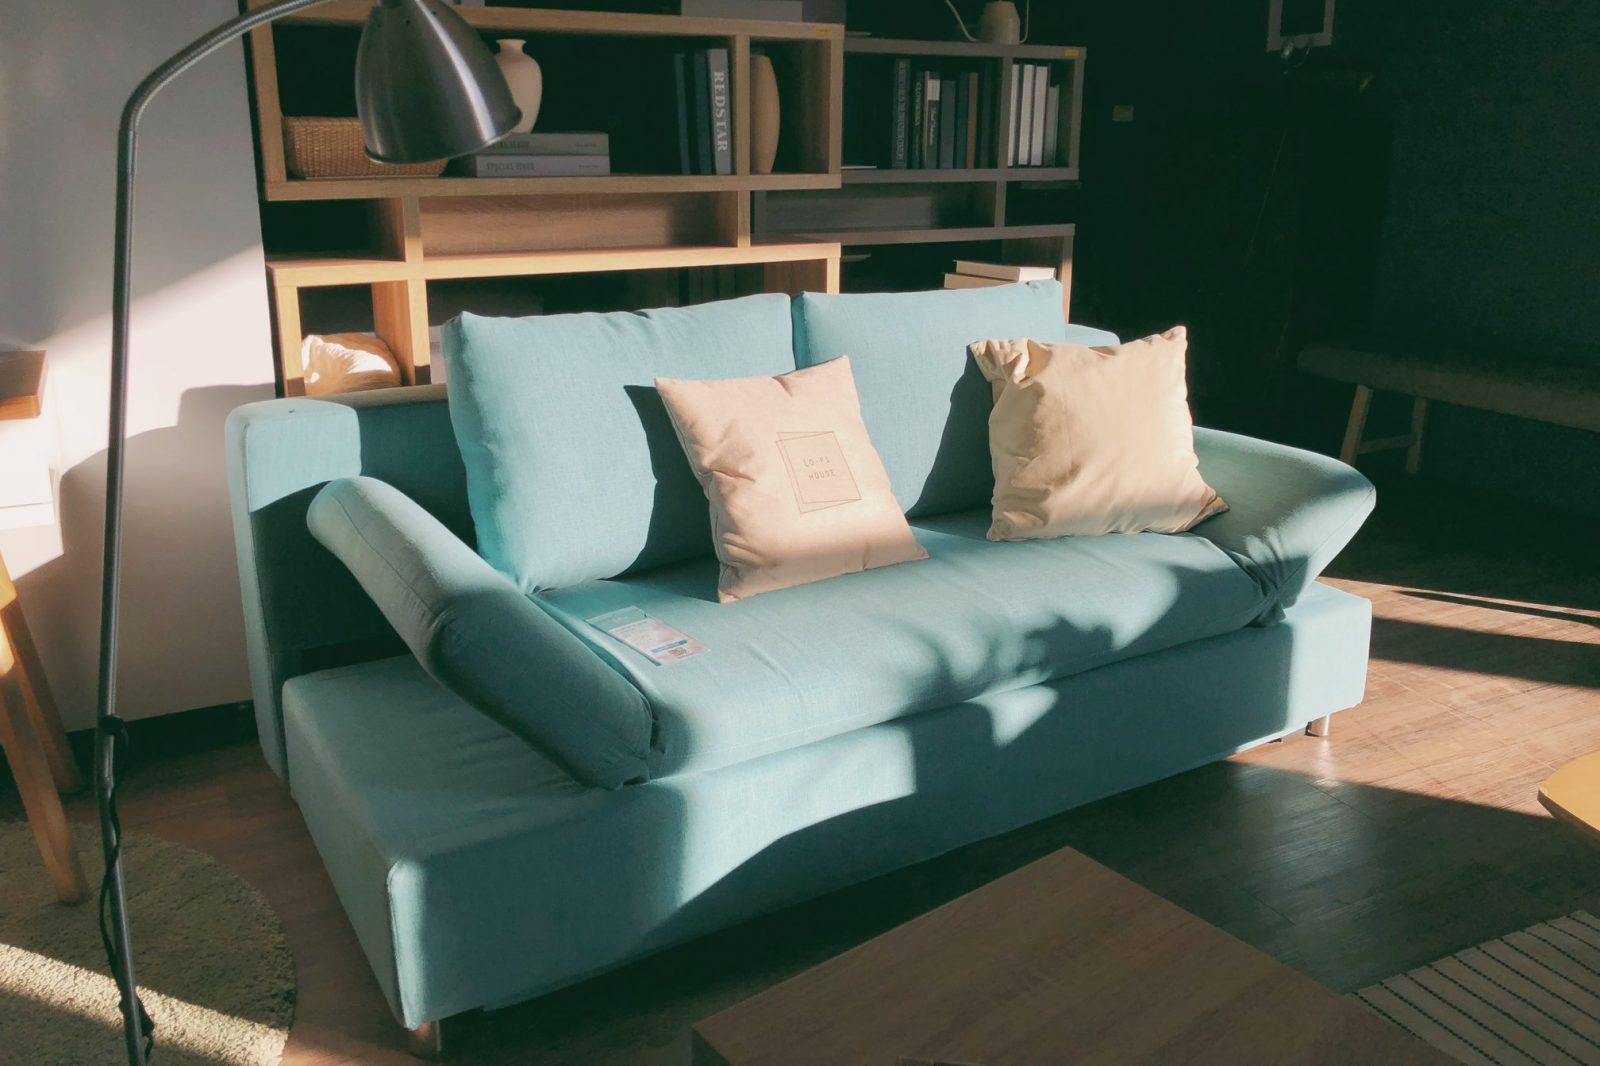 UR Design 科伊藍綠色可收納沙發床